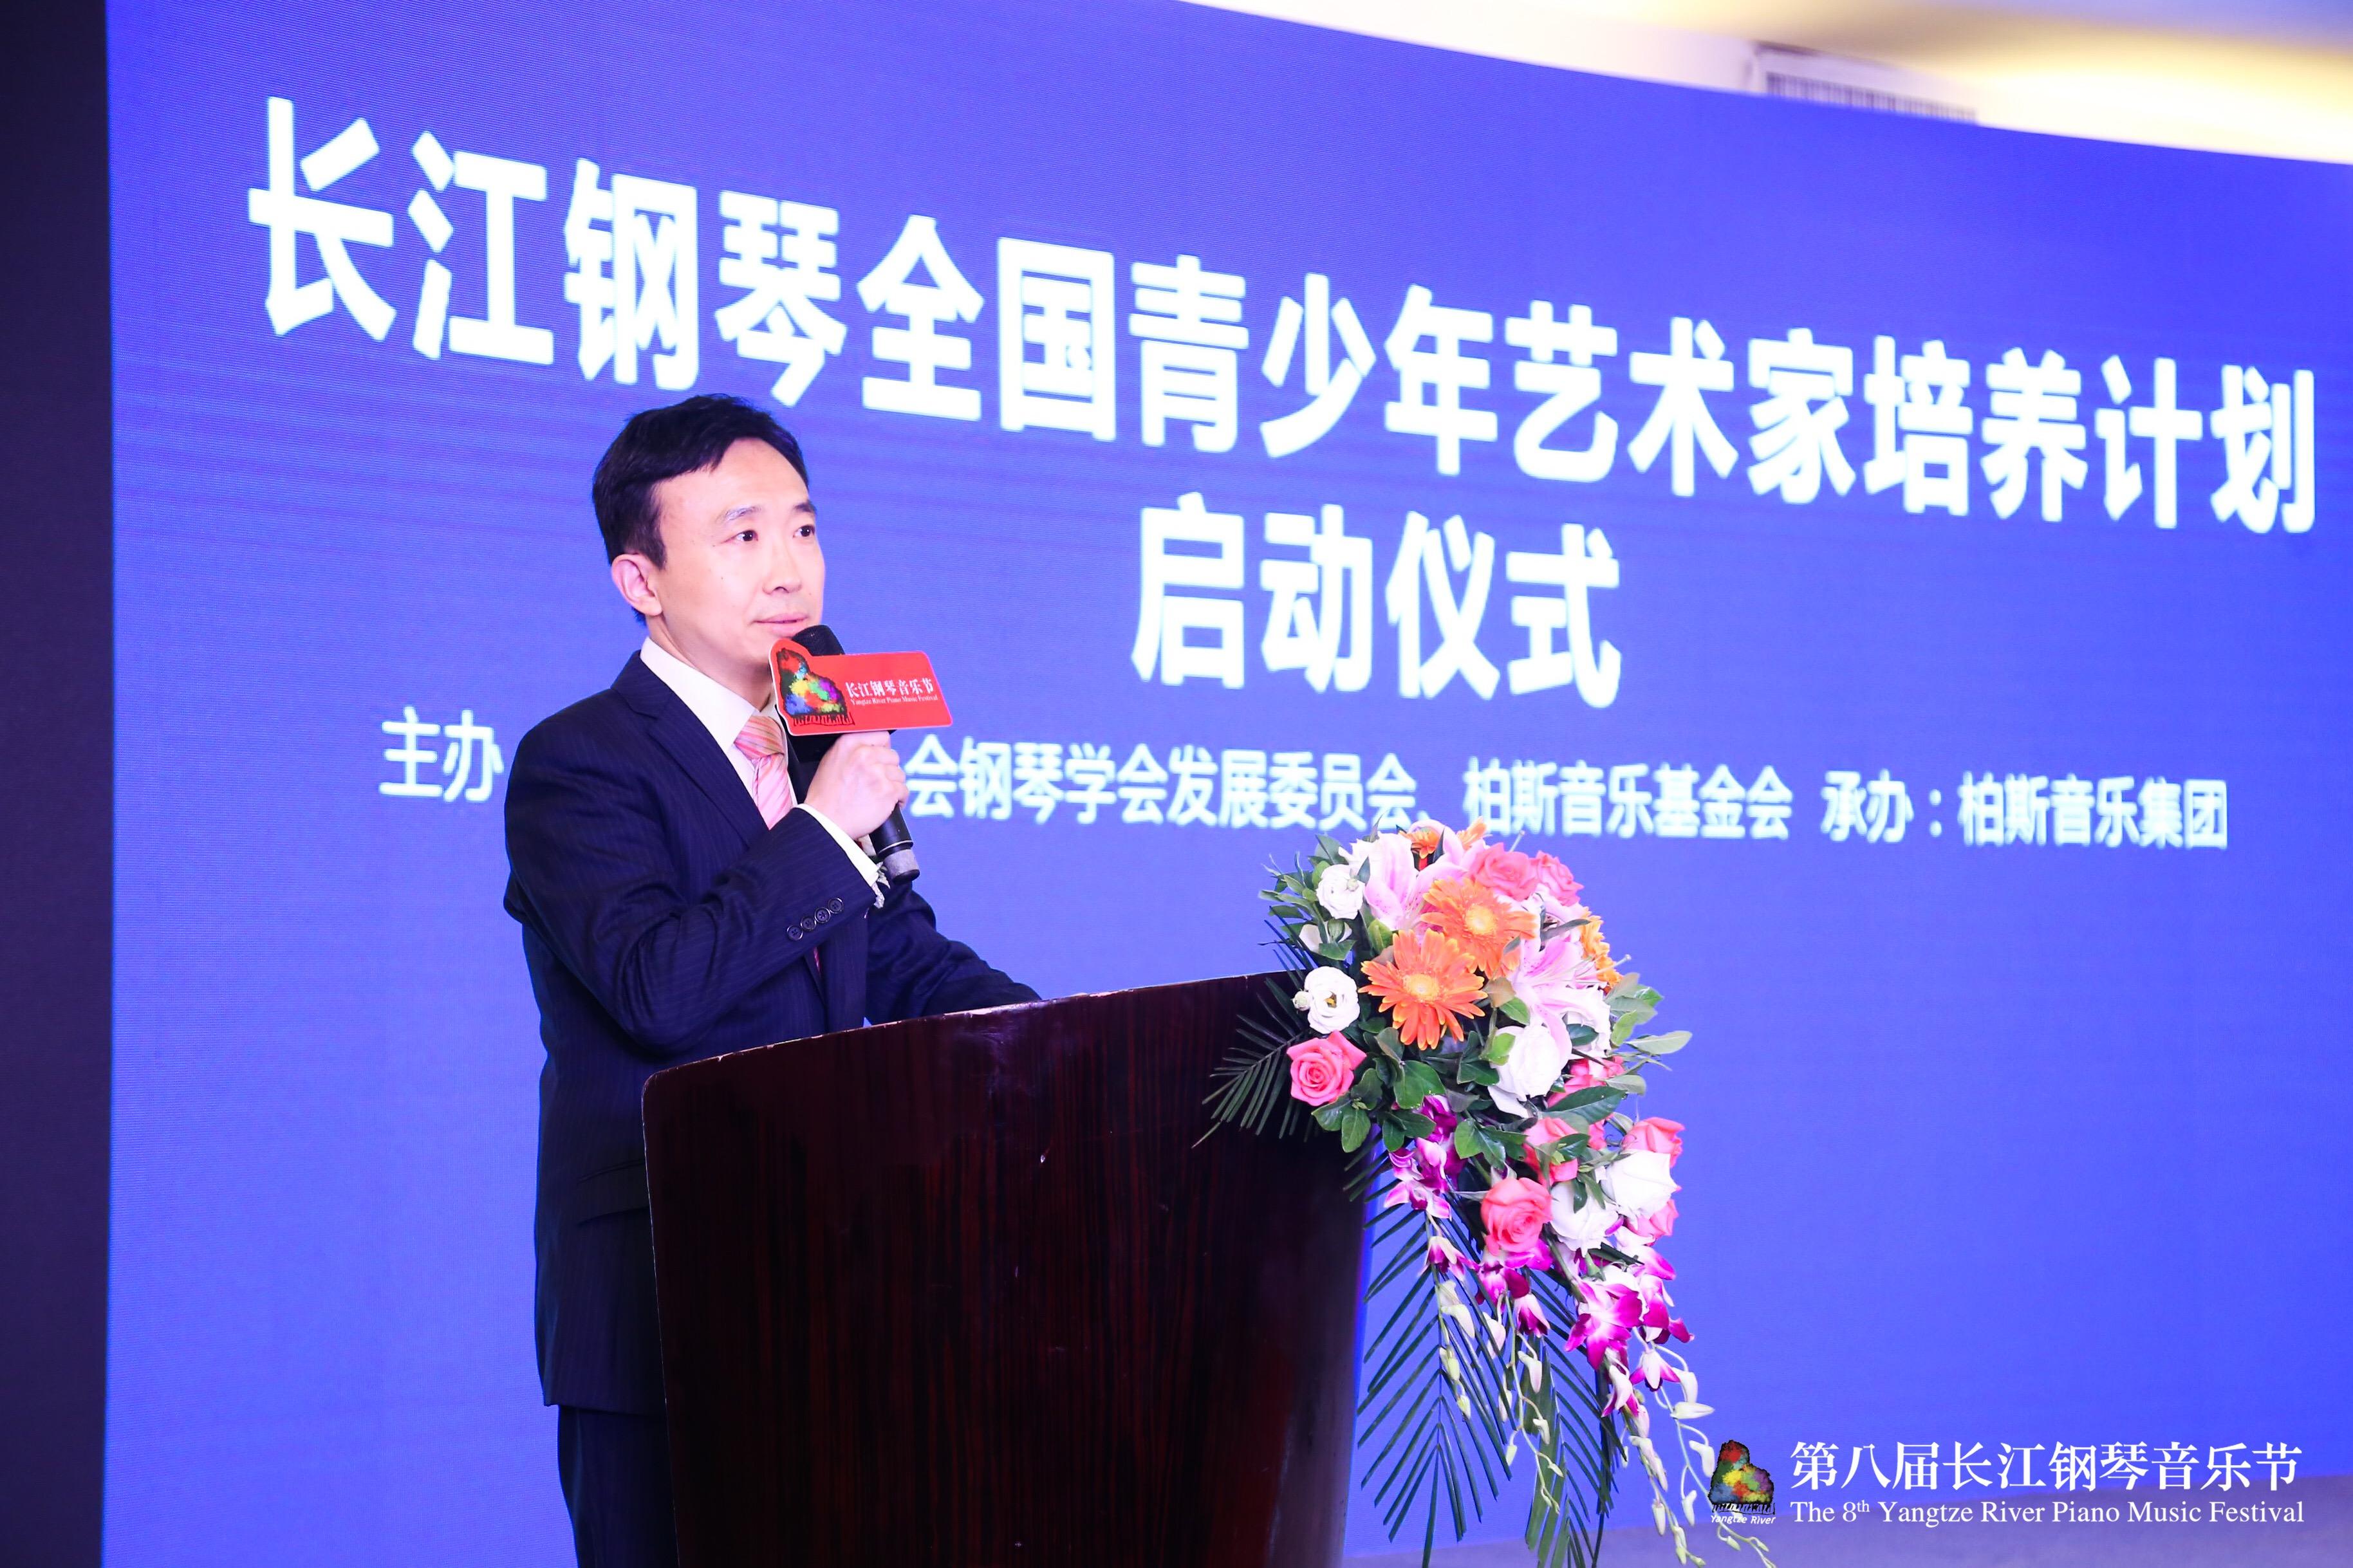 上海音乐学院附中钢琴科副主任陈巍岭主持仪式.jpg